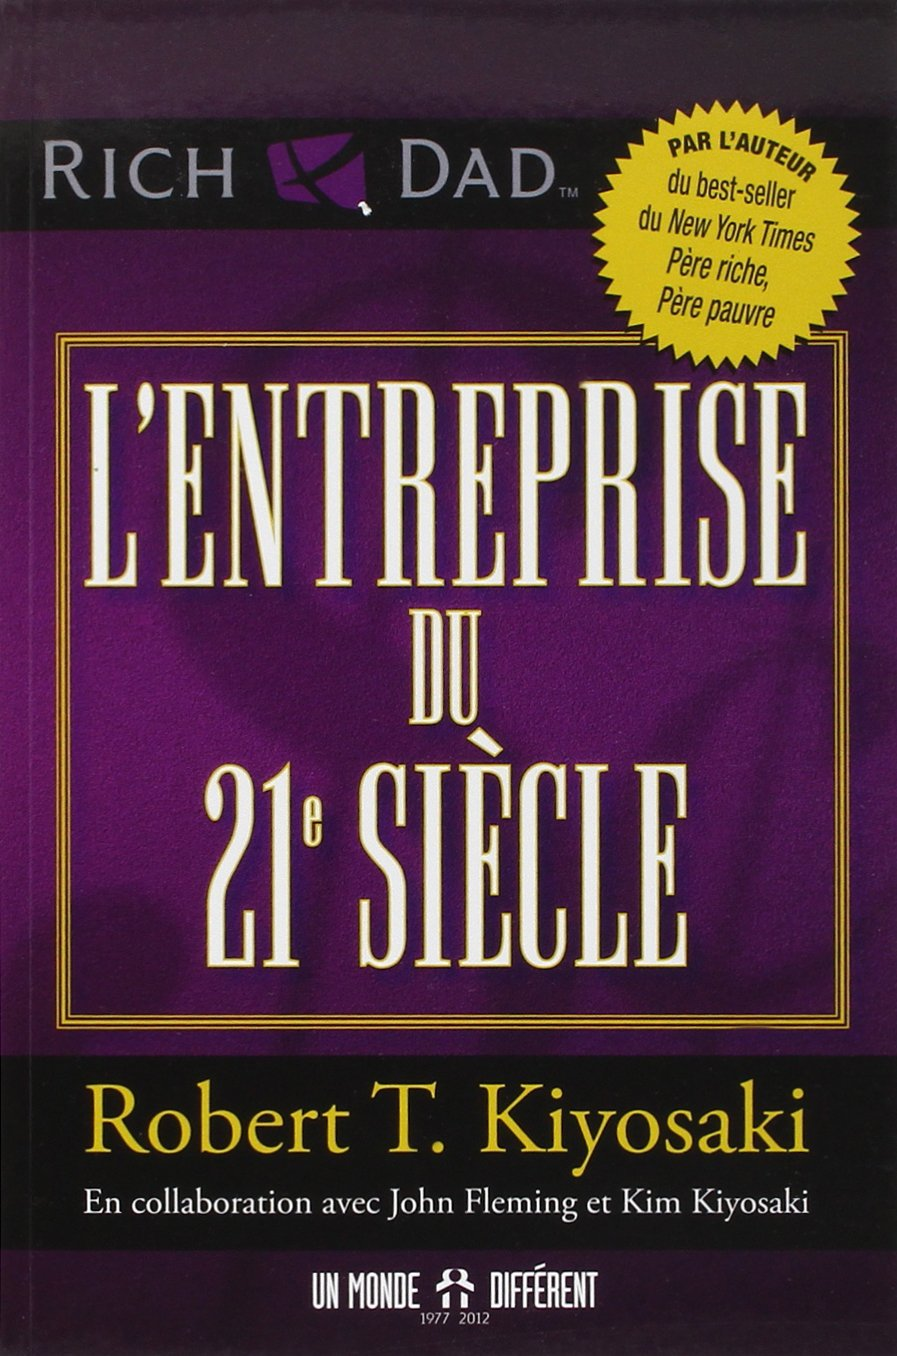 L'entreprise du 21e siècle